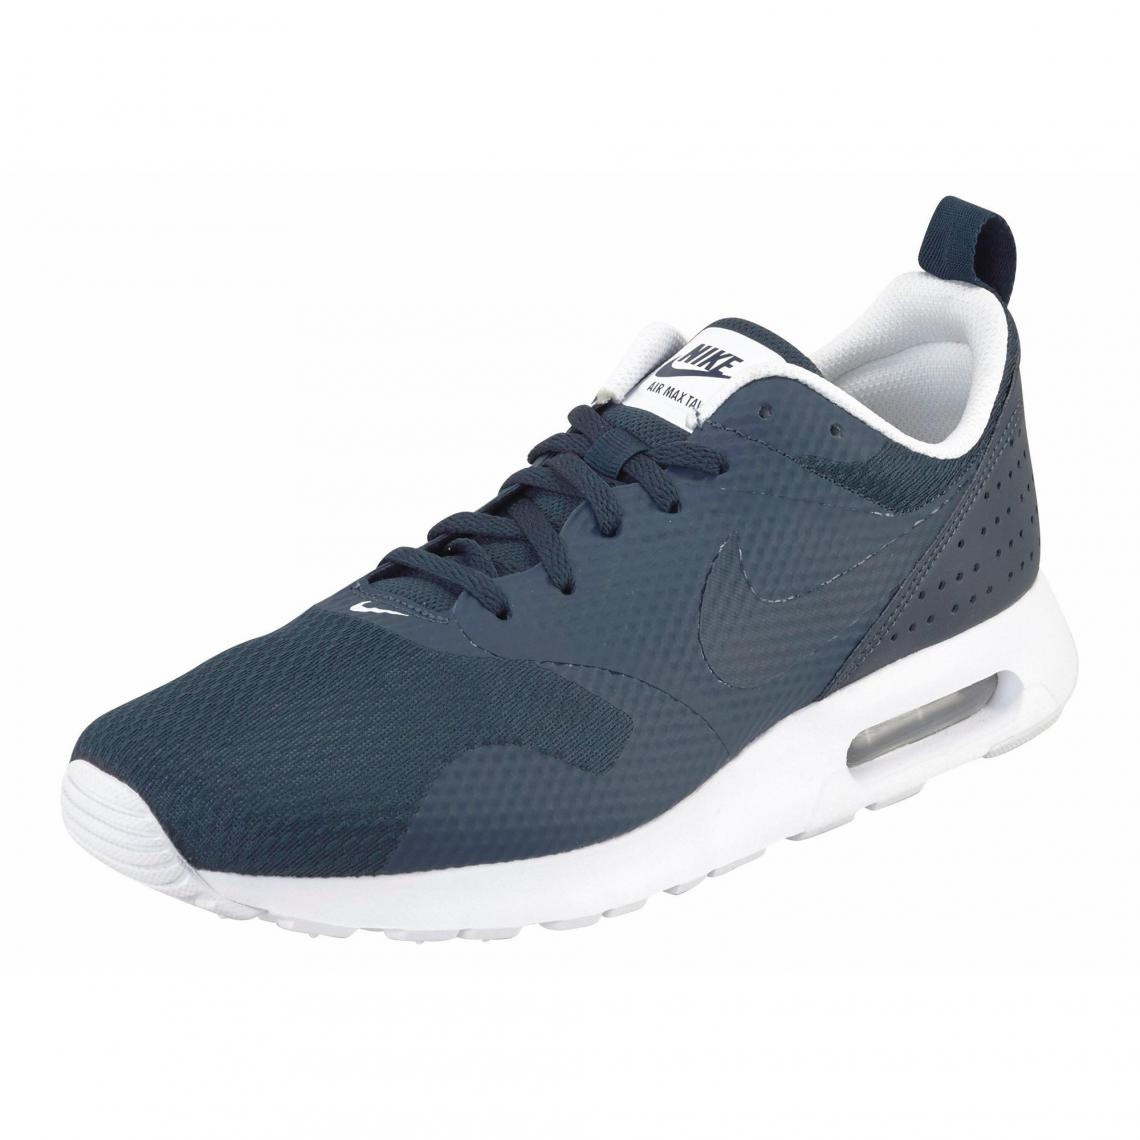 Nike Air Max Tavas chaussures de running homme Marine